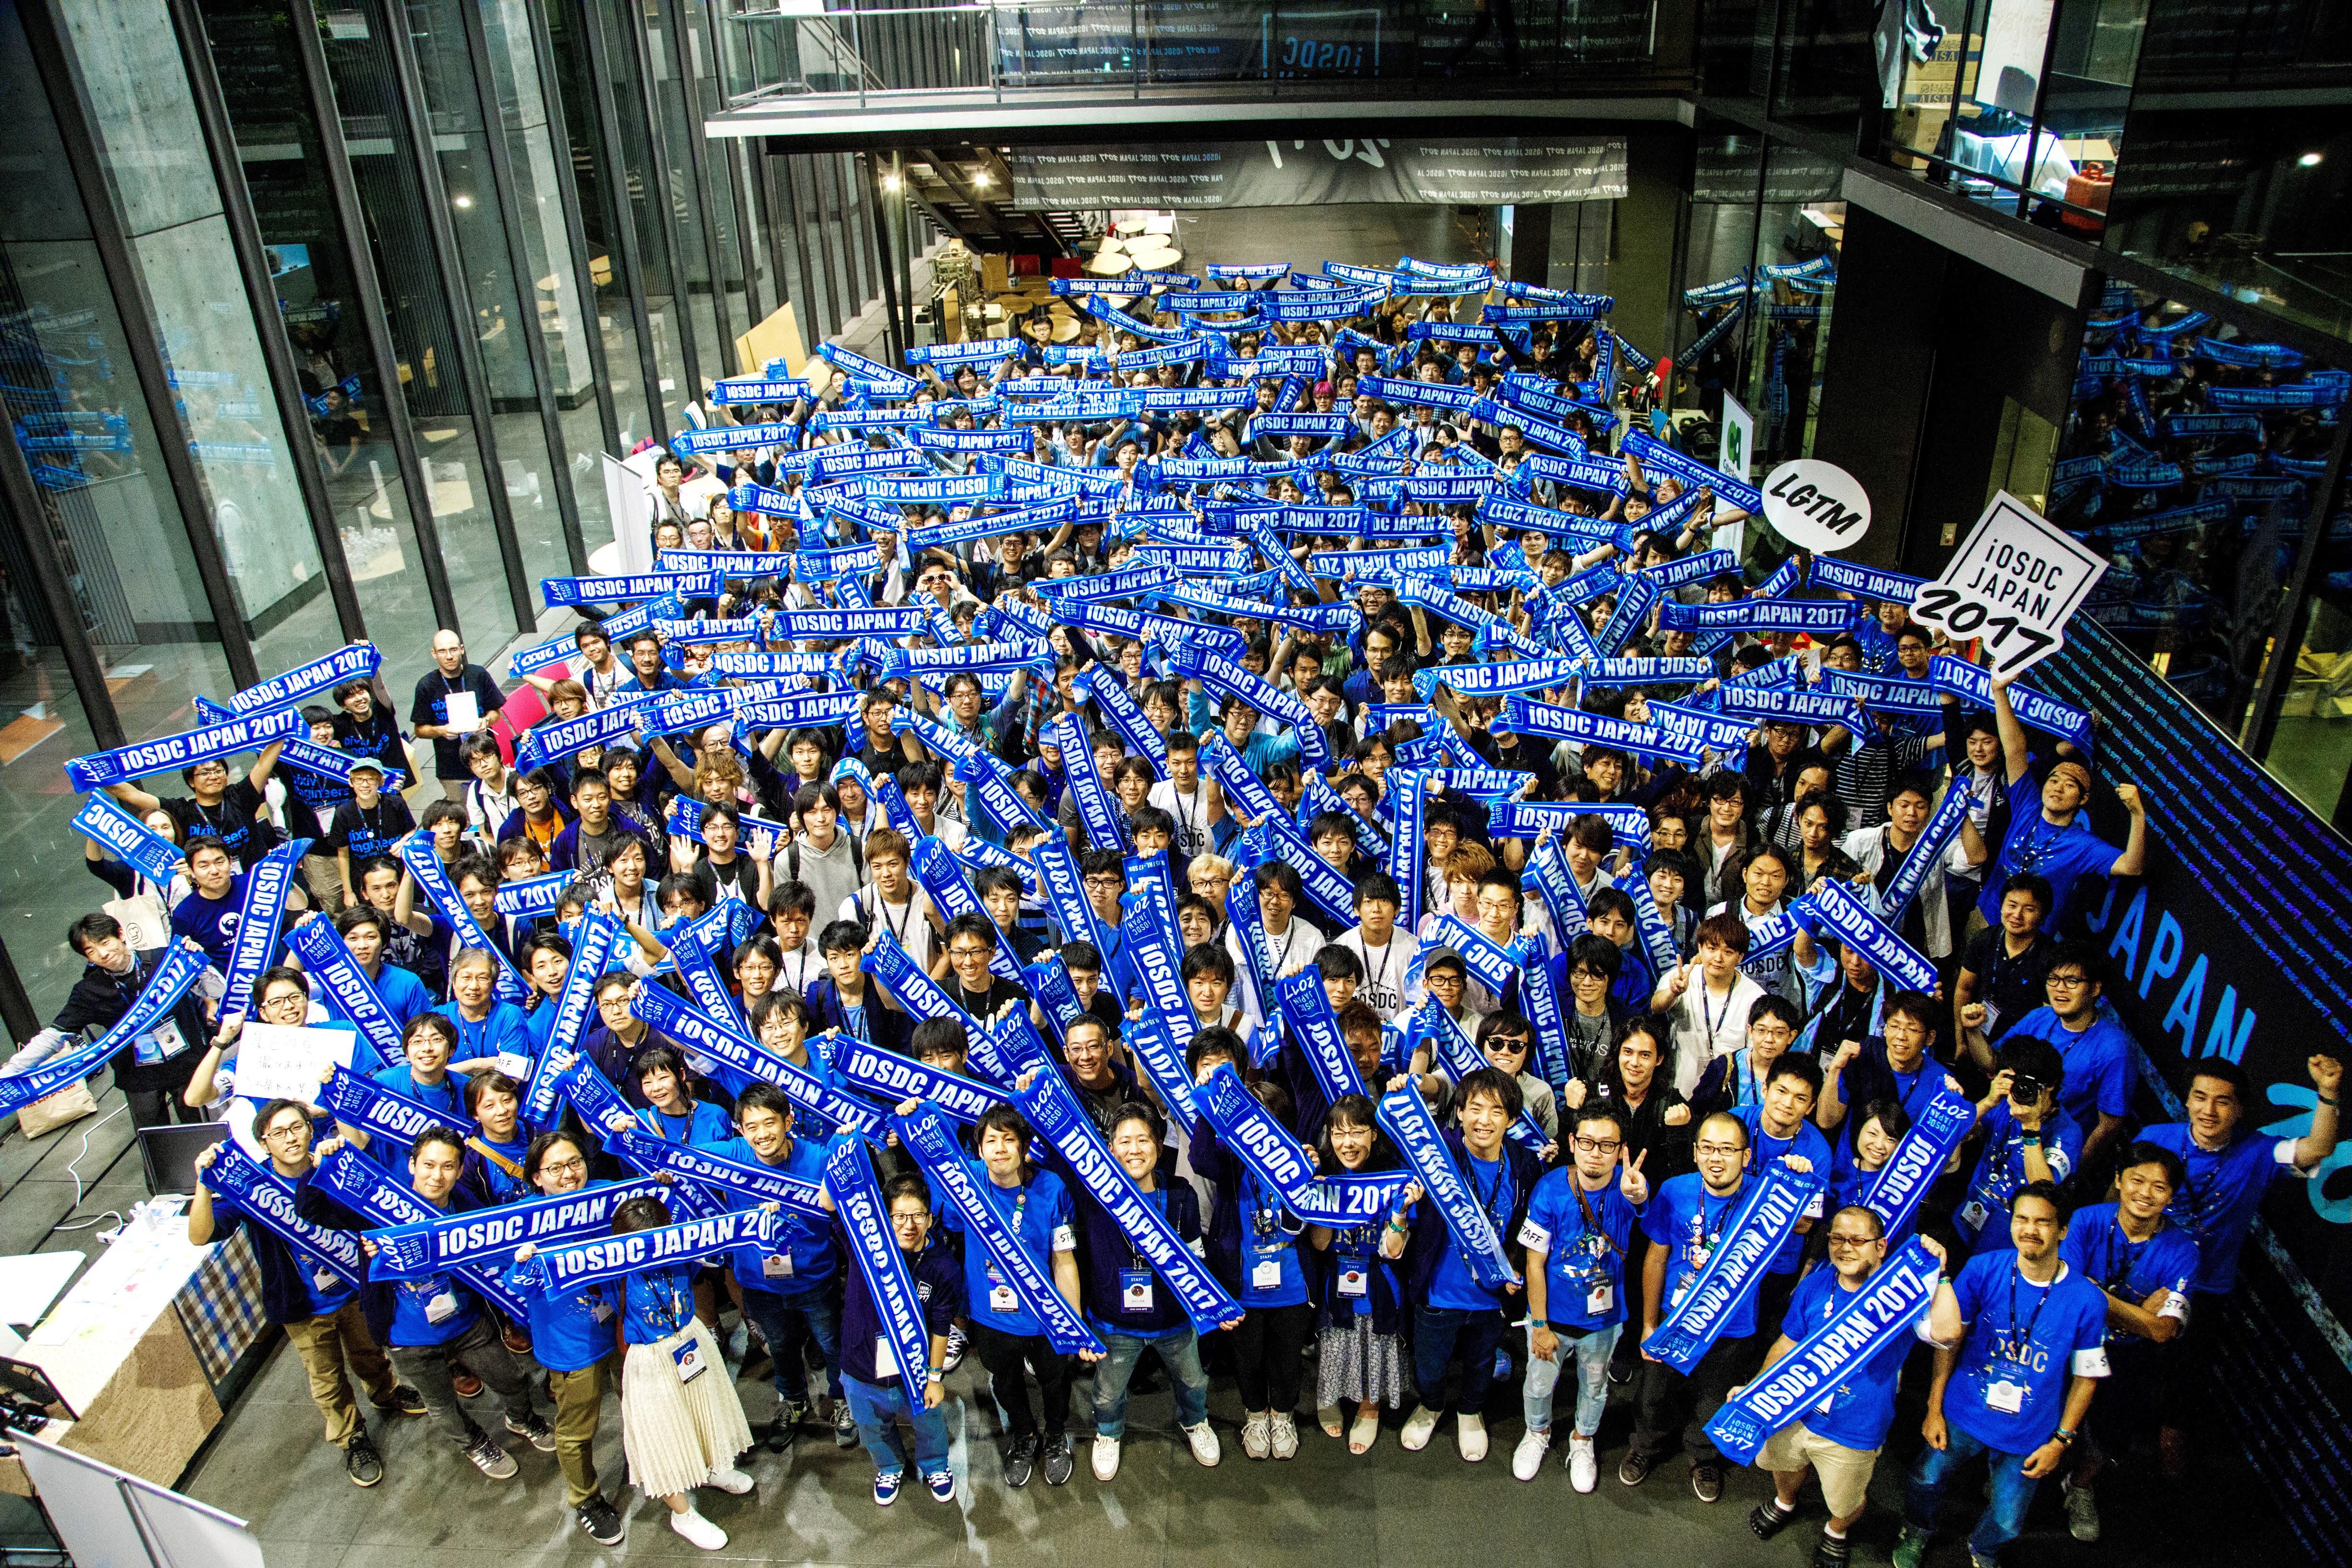 iOSDC Japan 2017を楽しんできました。